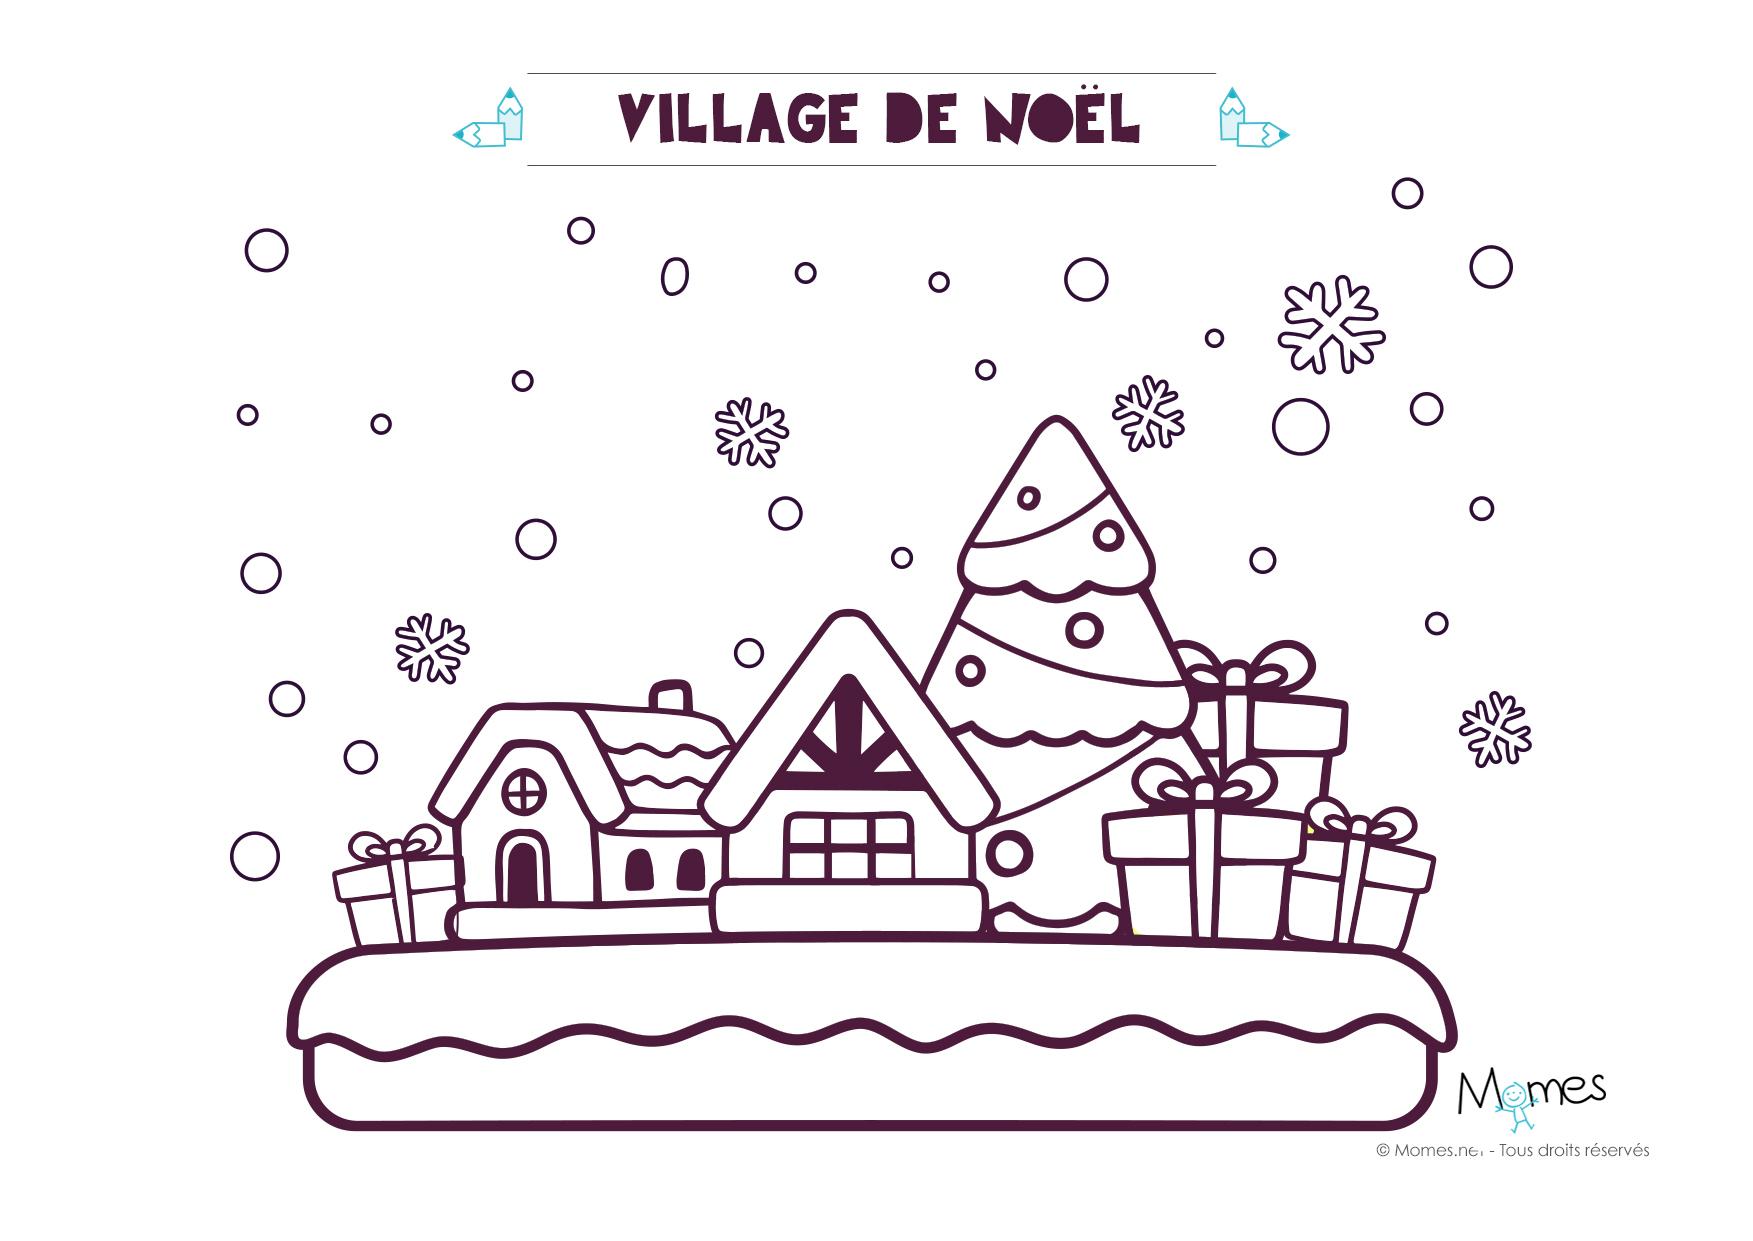 Coloriage De Noël : Le Village - Momes destiné Coloriage Village De Noel